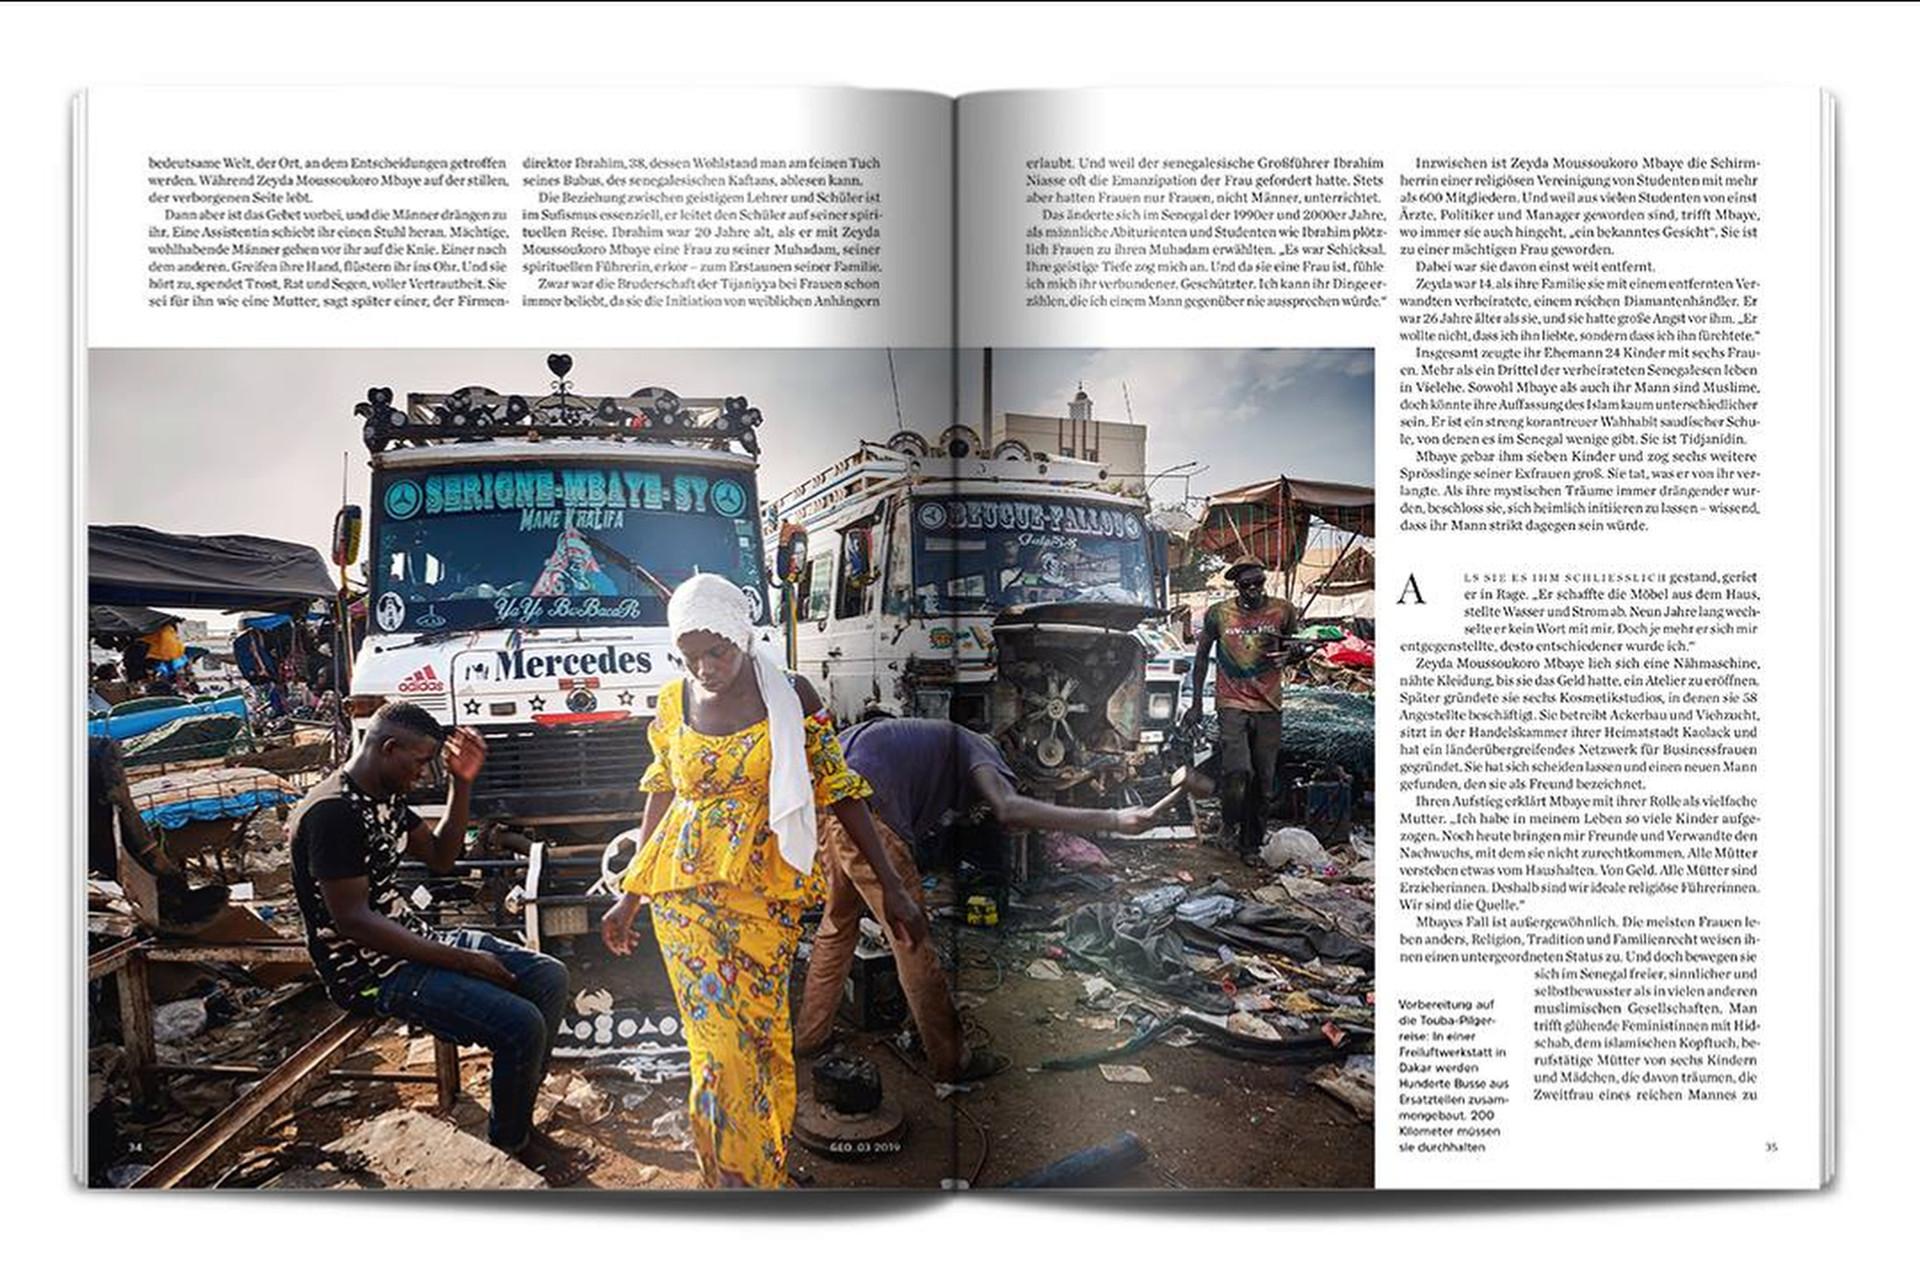 007_Sufism_Senegal.JPG